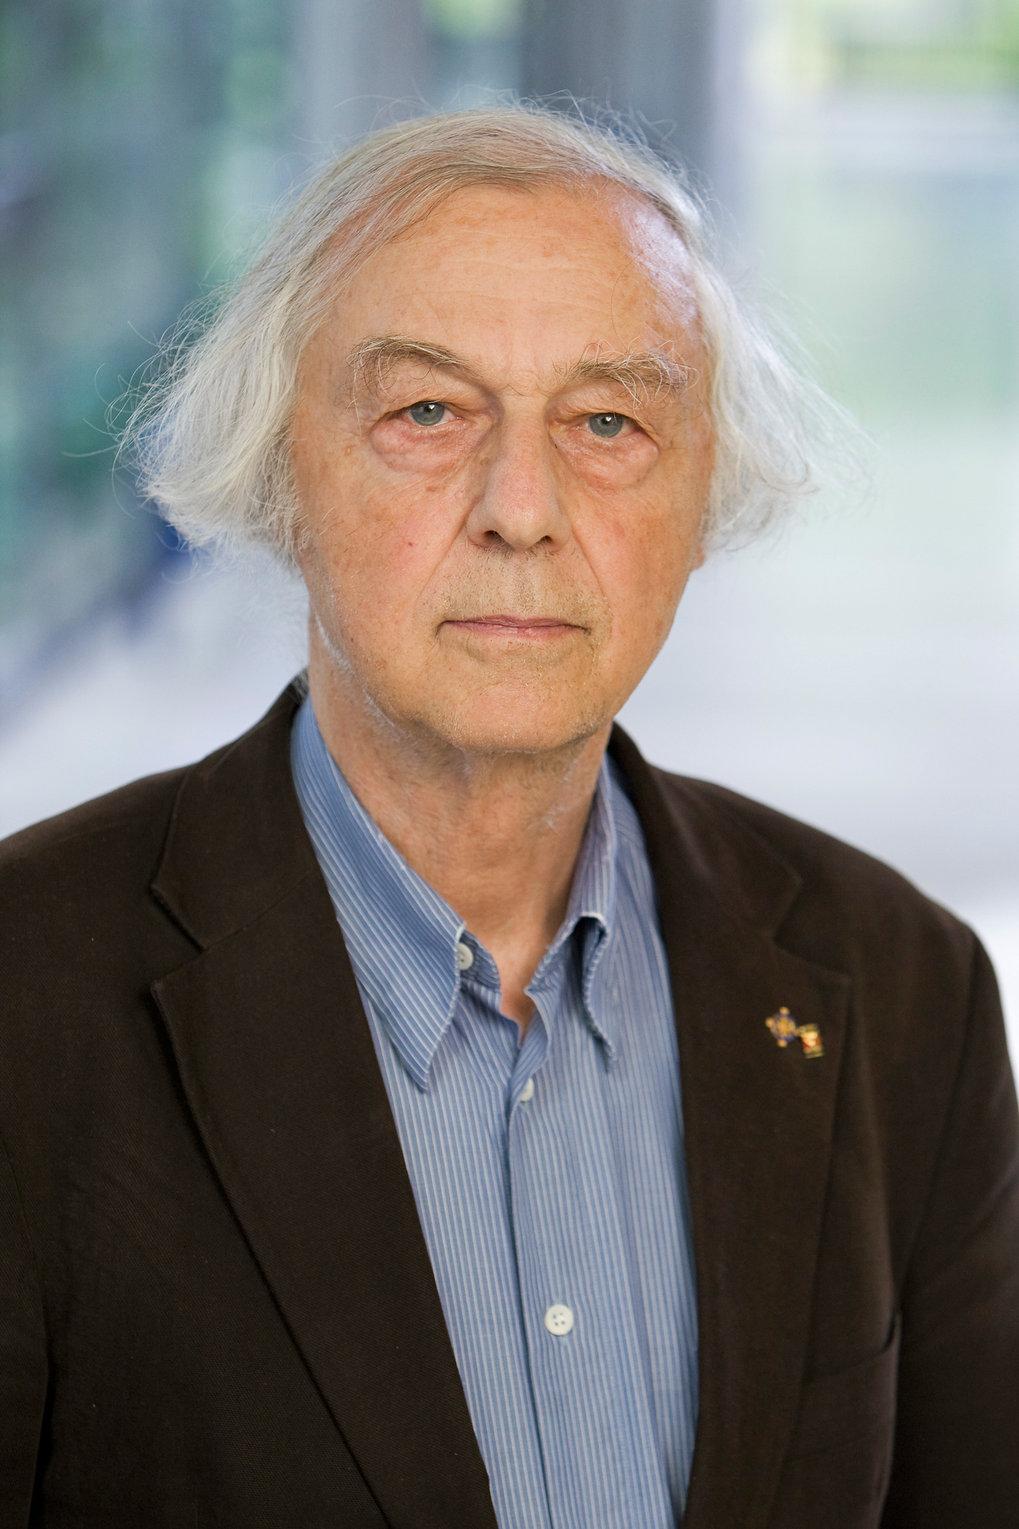 portrait photo of ZMB member Robert Huber